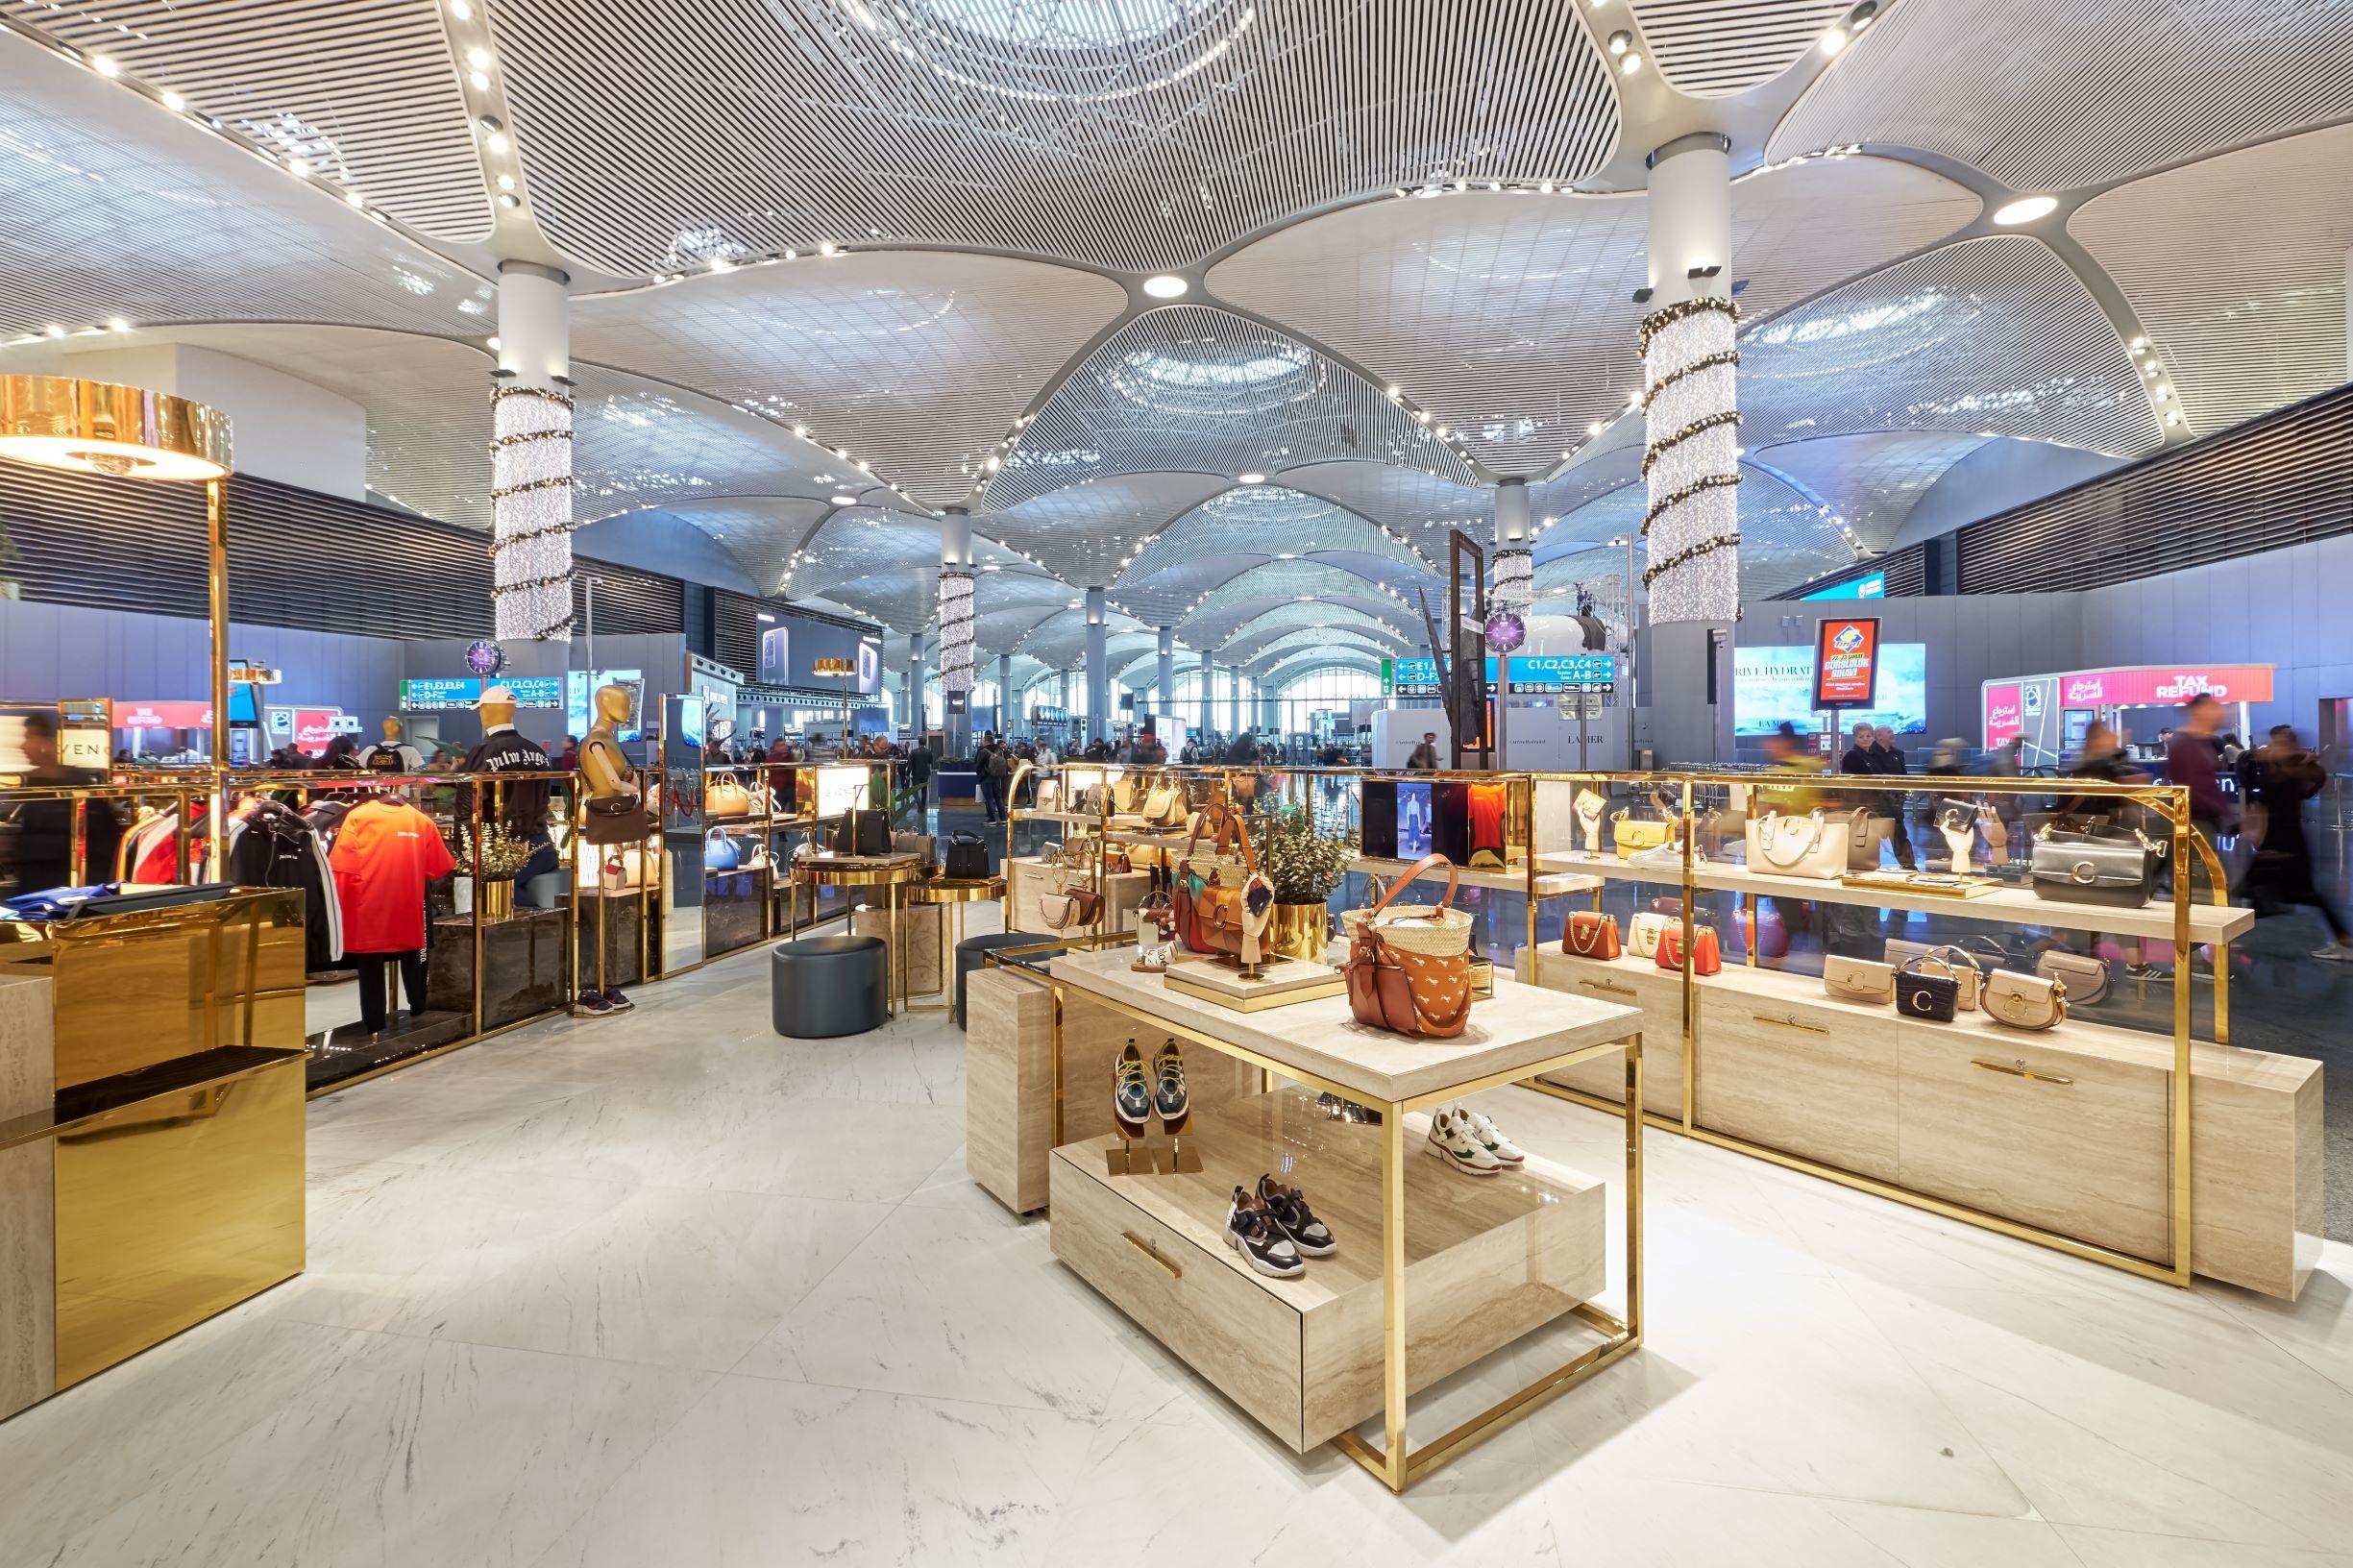 Luxury Square'in açılışı İstanbul Havalimanı'nda gerçekleşti